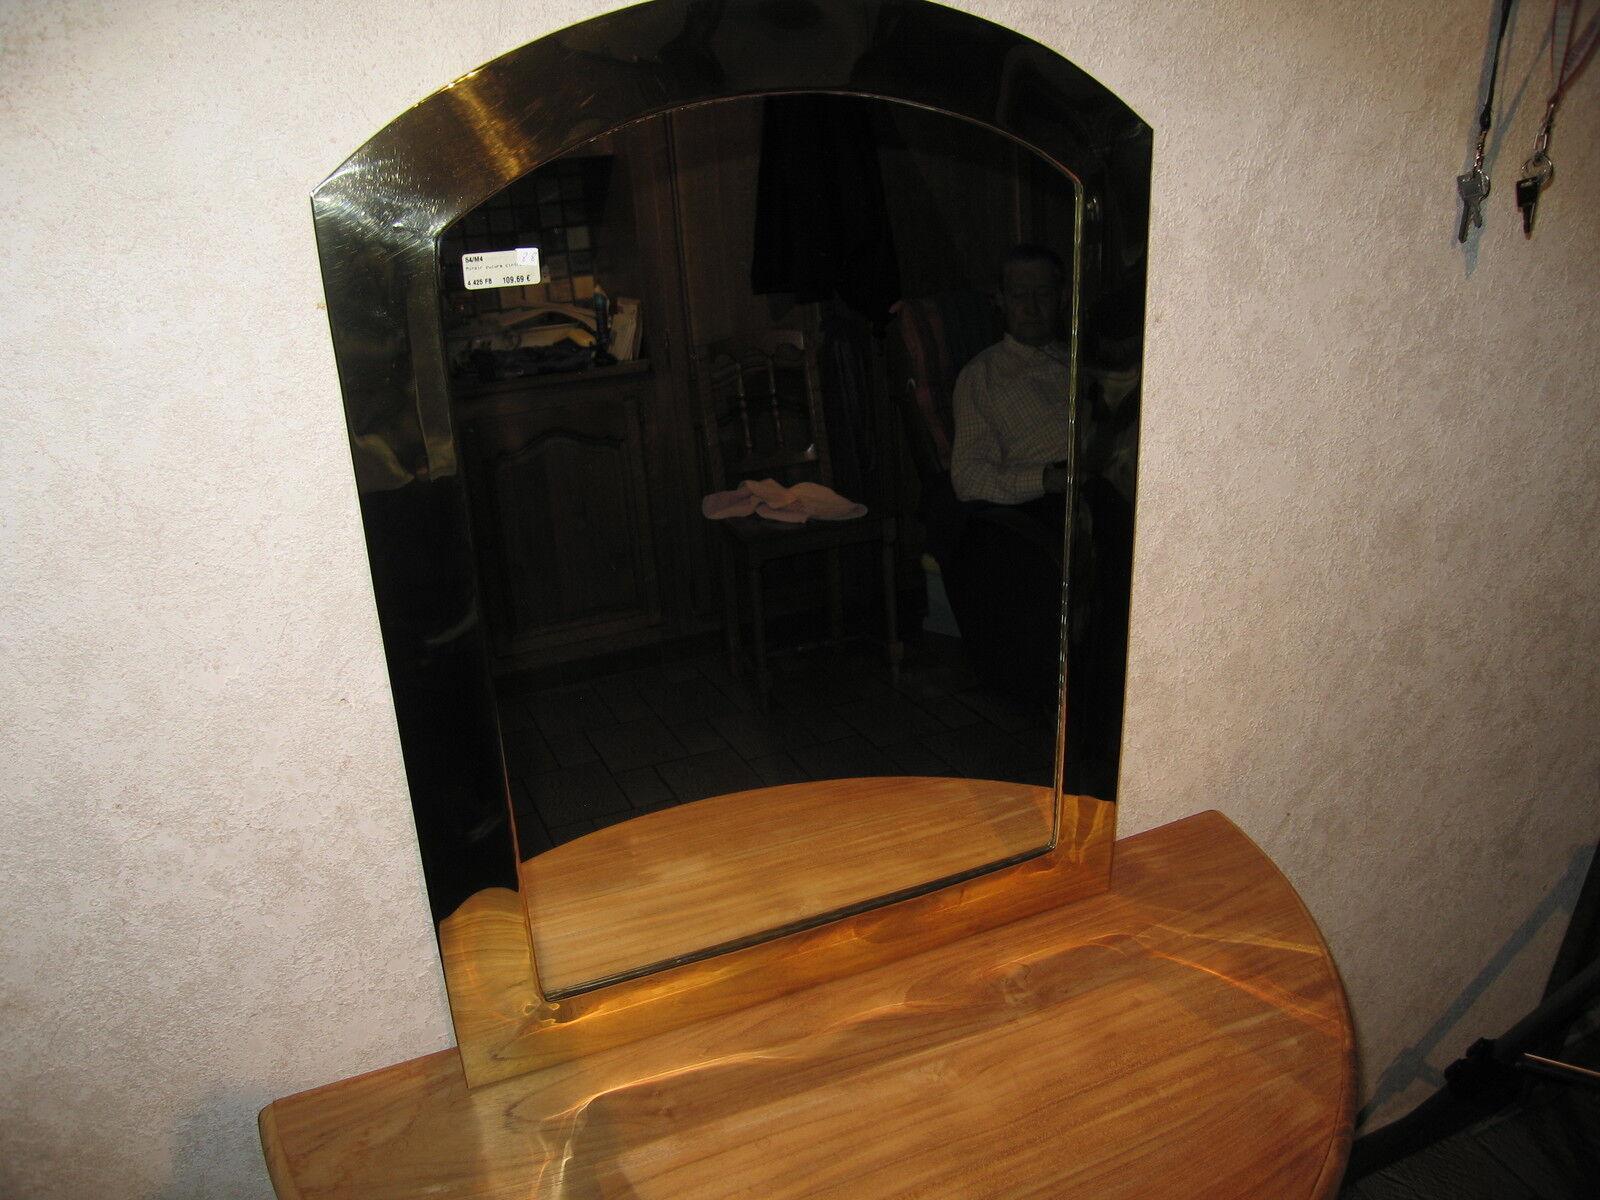 NEW Miroir bord cuivre H.67cm L.50cm Mirror